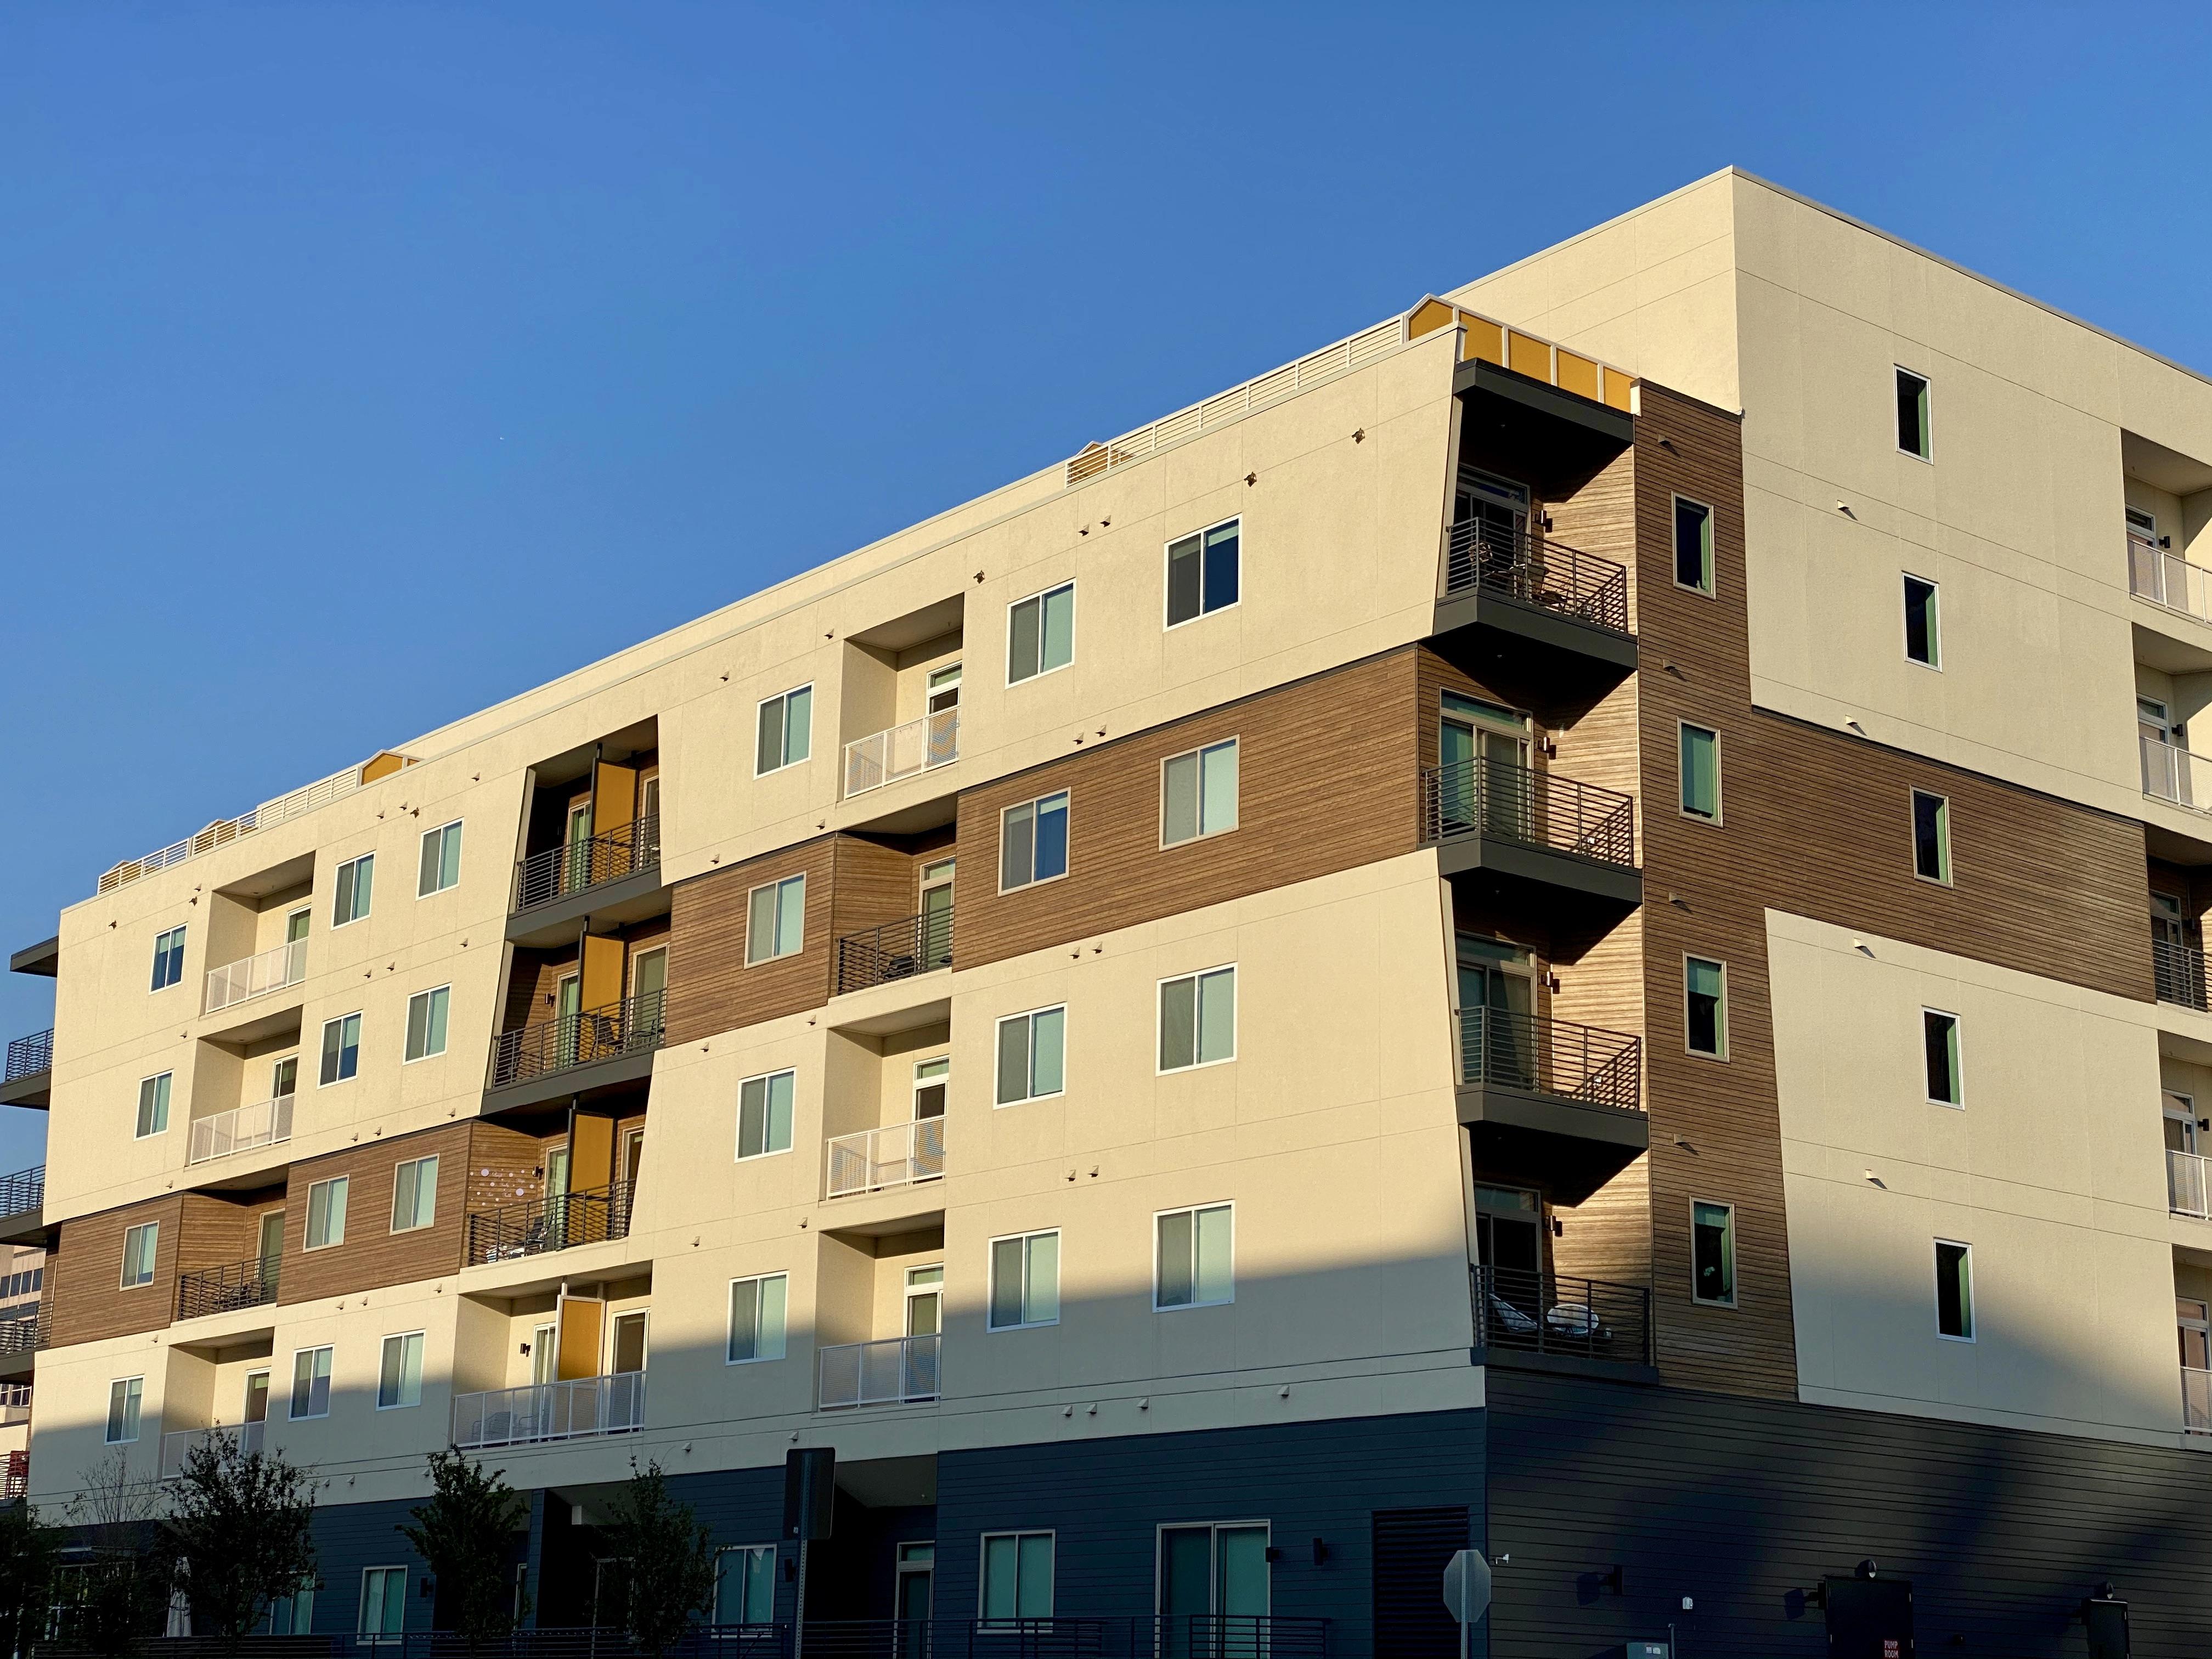 North Dallas Apartments near the Galleria Dallas